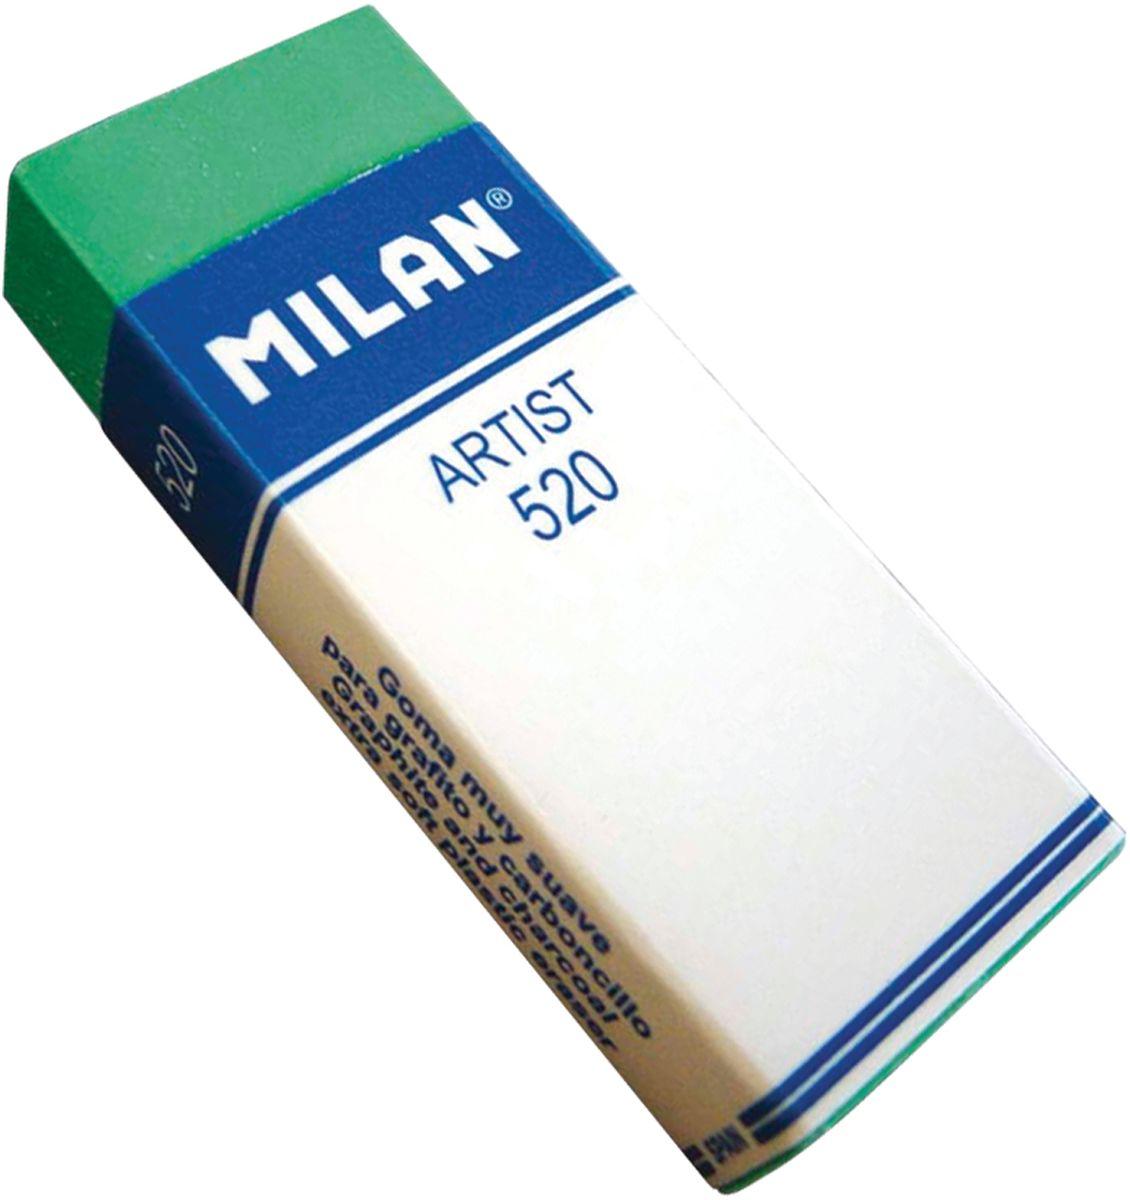 Milan Ластик Artist 520 прямоугольныйCPM520Ластик Milan Artist 520 - это синтетический ластик для дизайнеров и художников. Бумажный держатель. Современные материалы обеспечивают прекрасное стирание и незаменимы для художественно-графических работ, дизайнерских проектов, чертежей, эскизов.